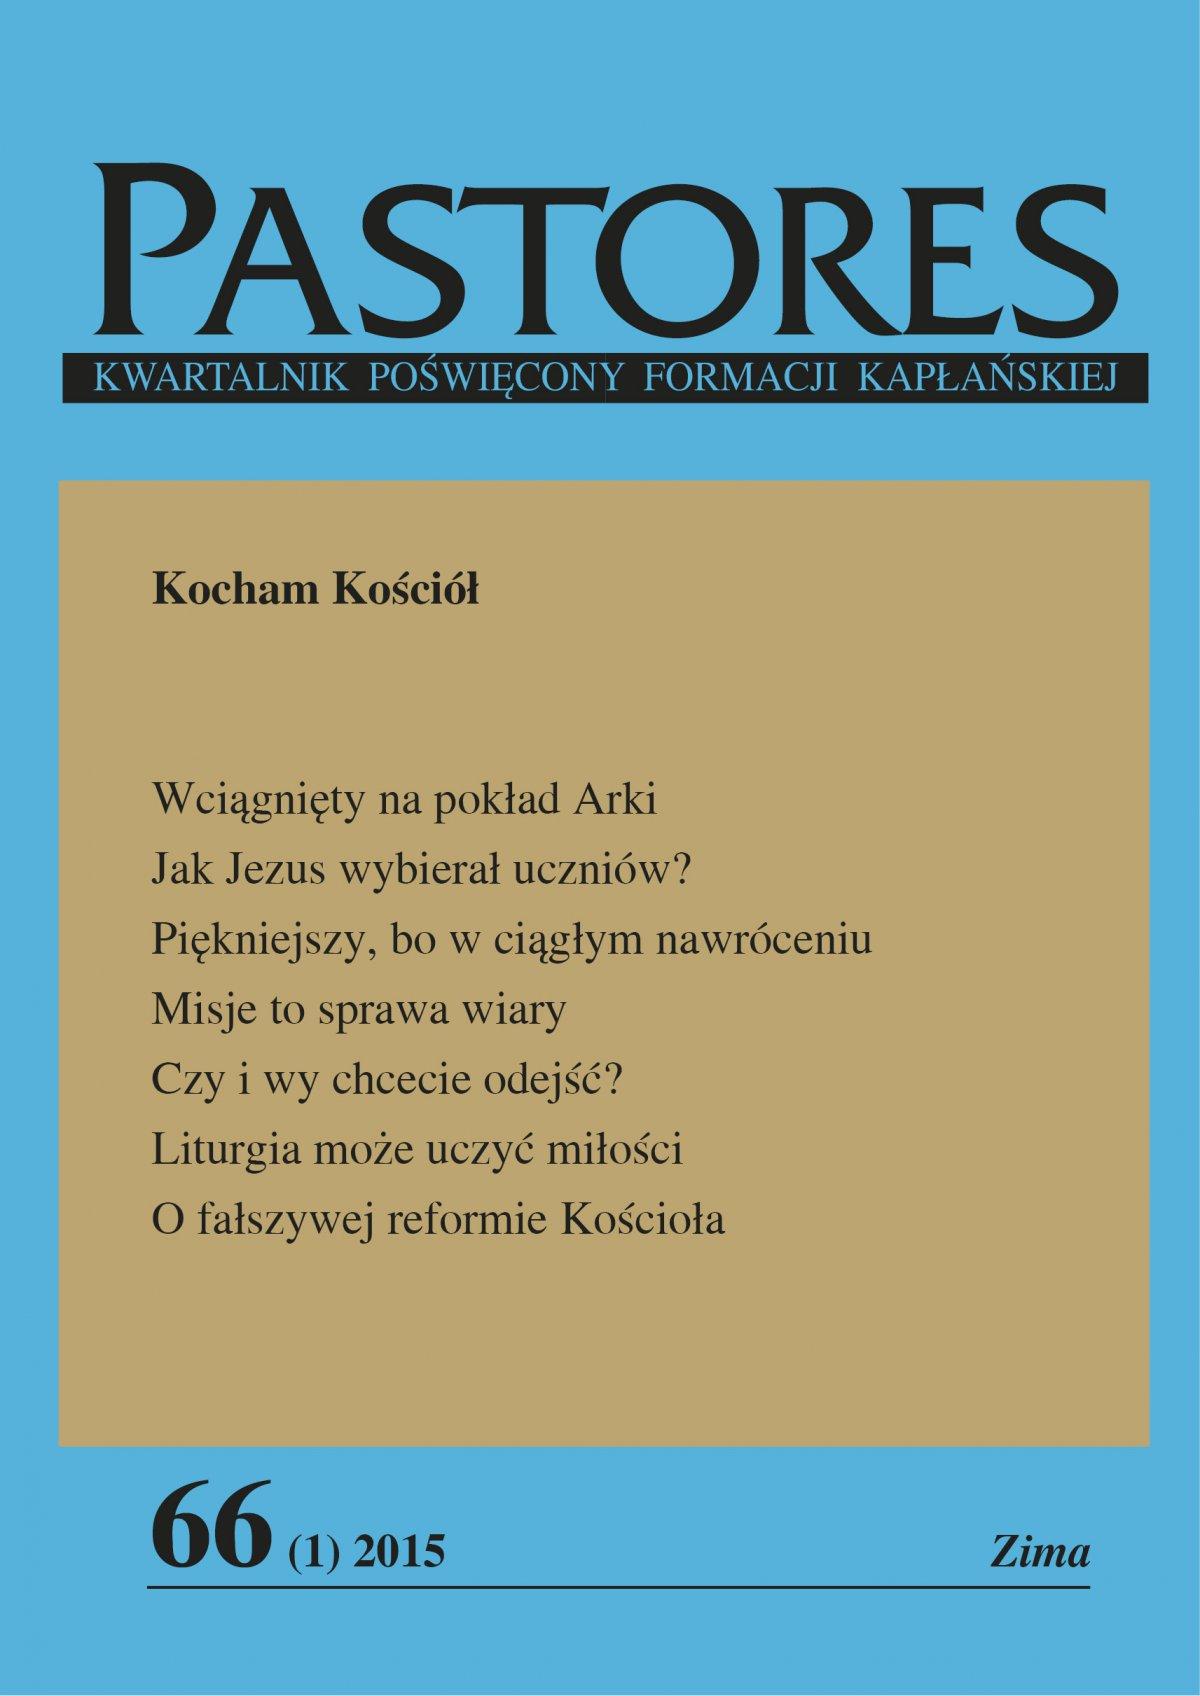 Pastores 66 (1) 2015 - Ebook (Książka EPUB) do pobrania w formacie EPUB